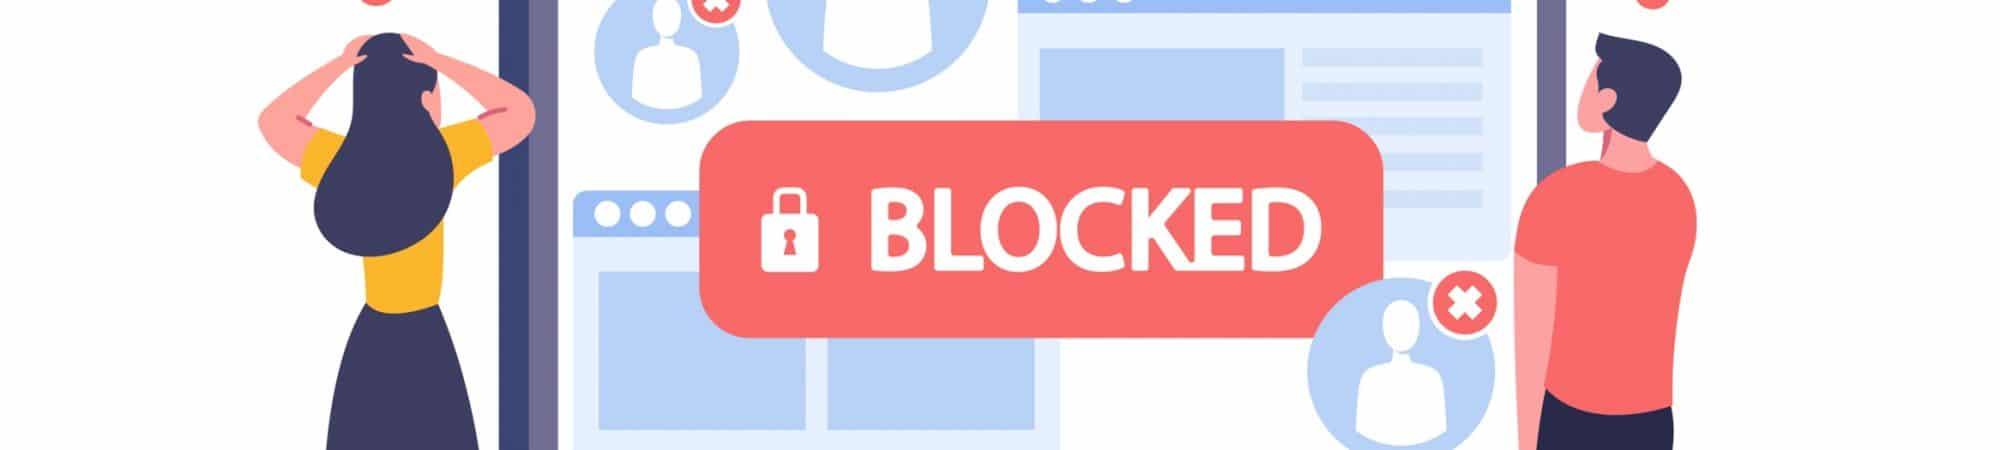 ilustração de um perfil bloqueado nas redes sociais